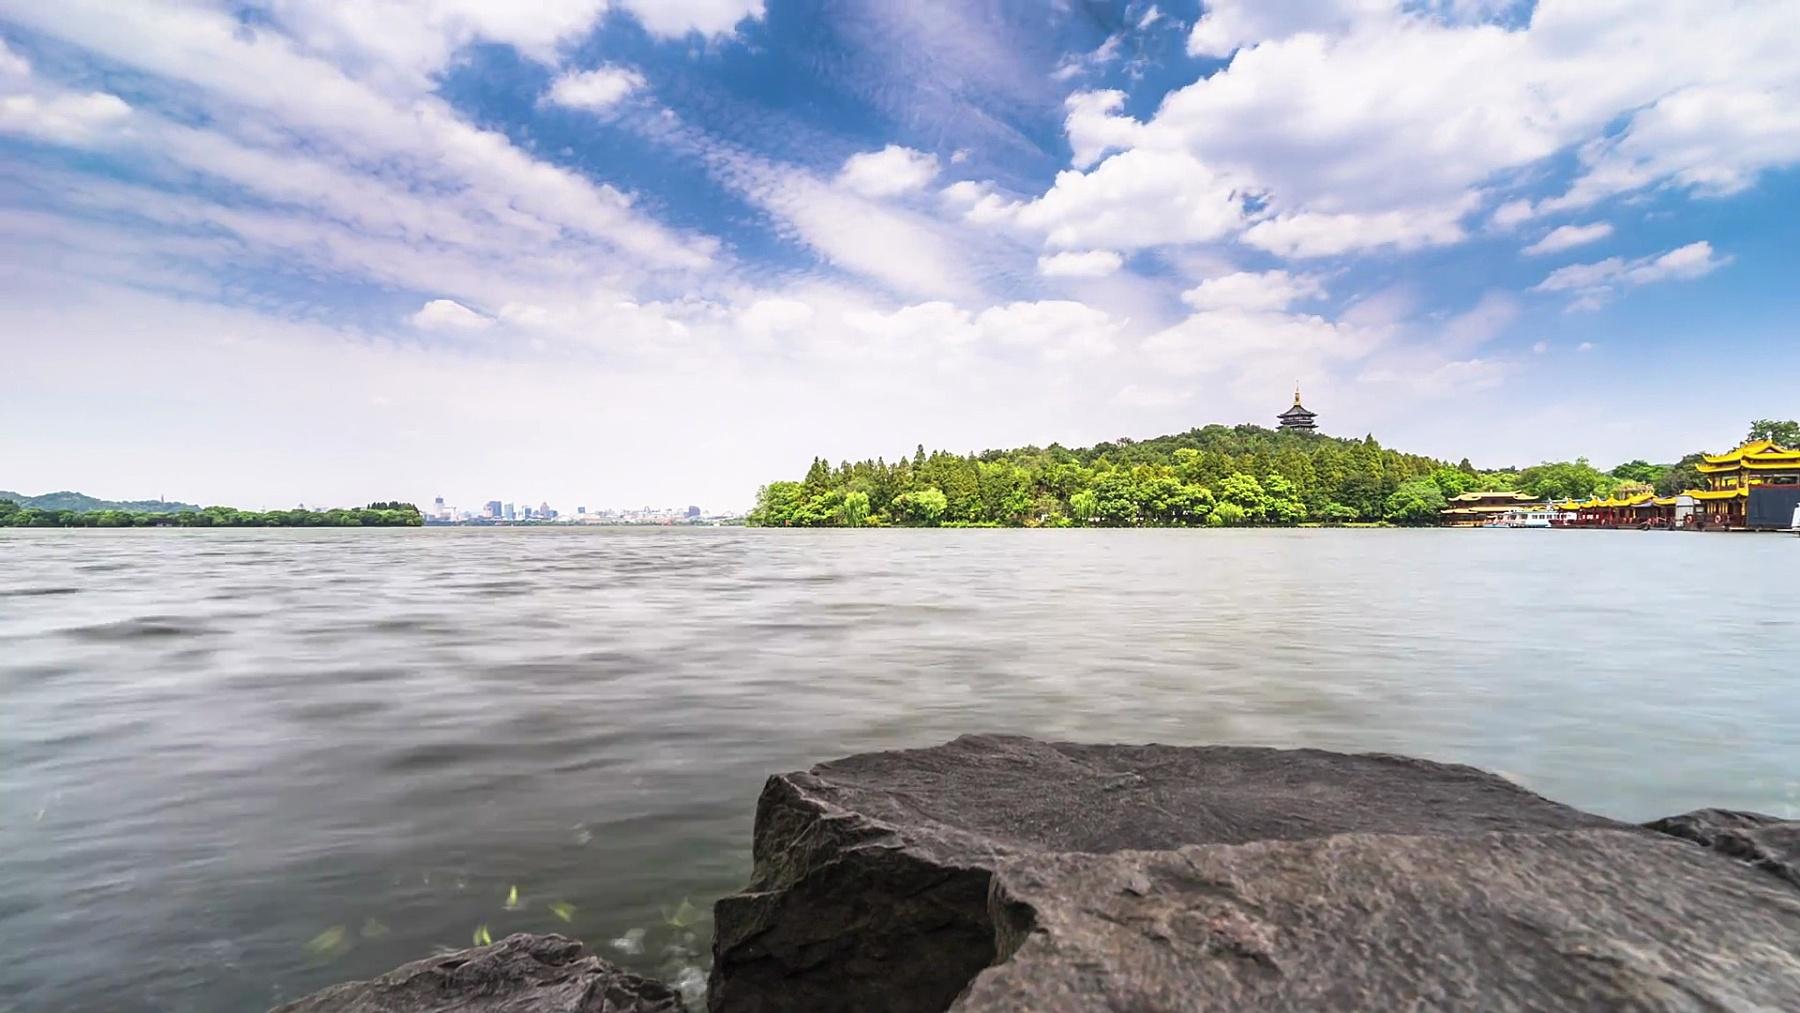 杭州雷峰塔位于西湖湖畔。时间间隔